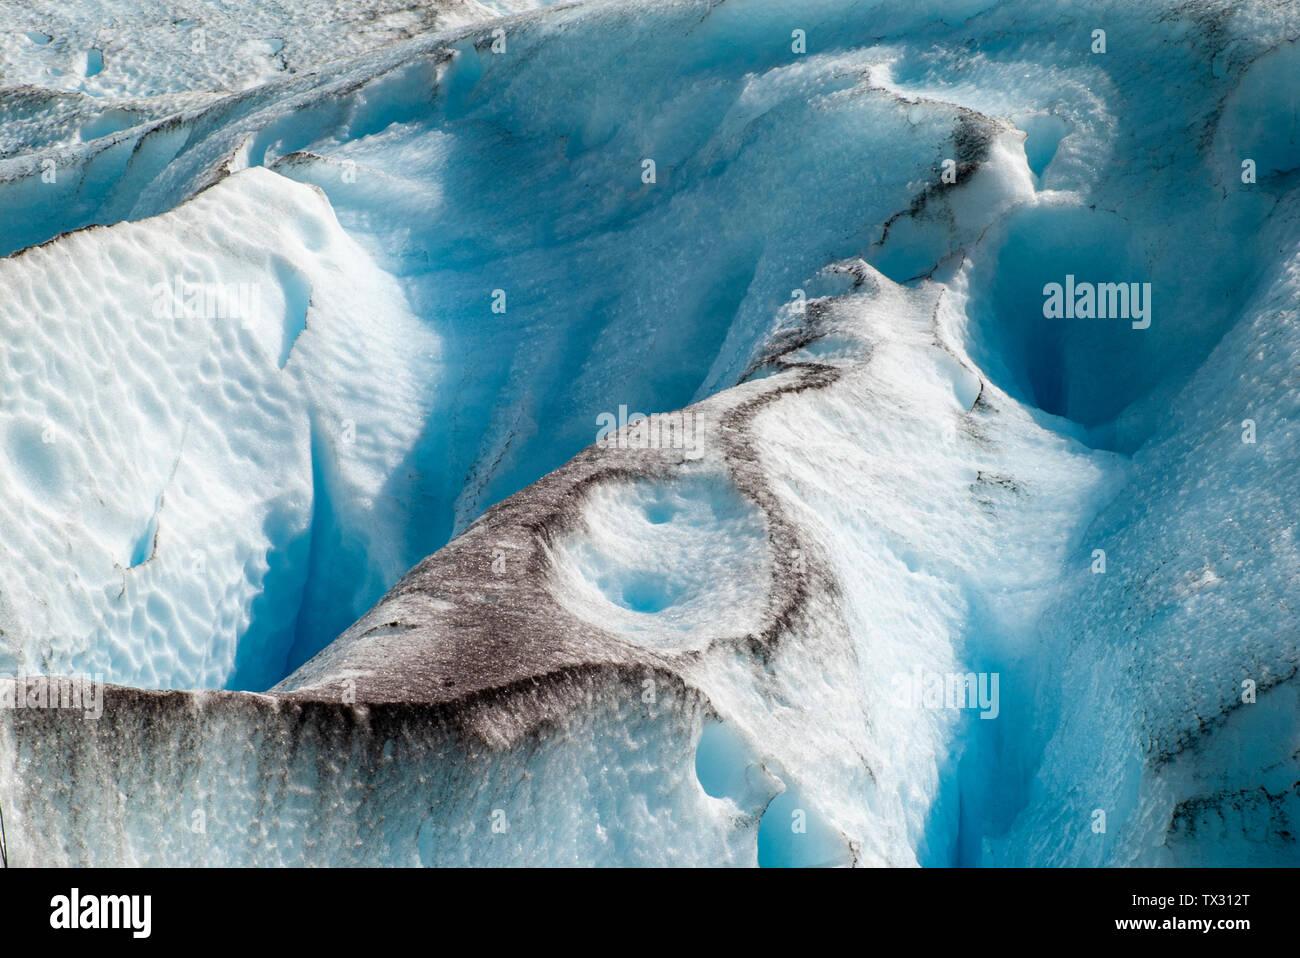 Résumé Les formes et les lignes de glace de glacier avec de la poussière et du sable sur la glace bleu et blanc Banque D'Images